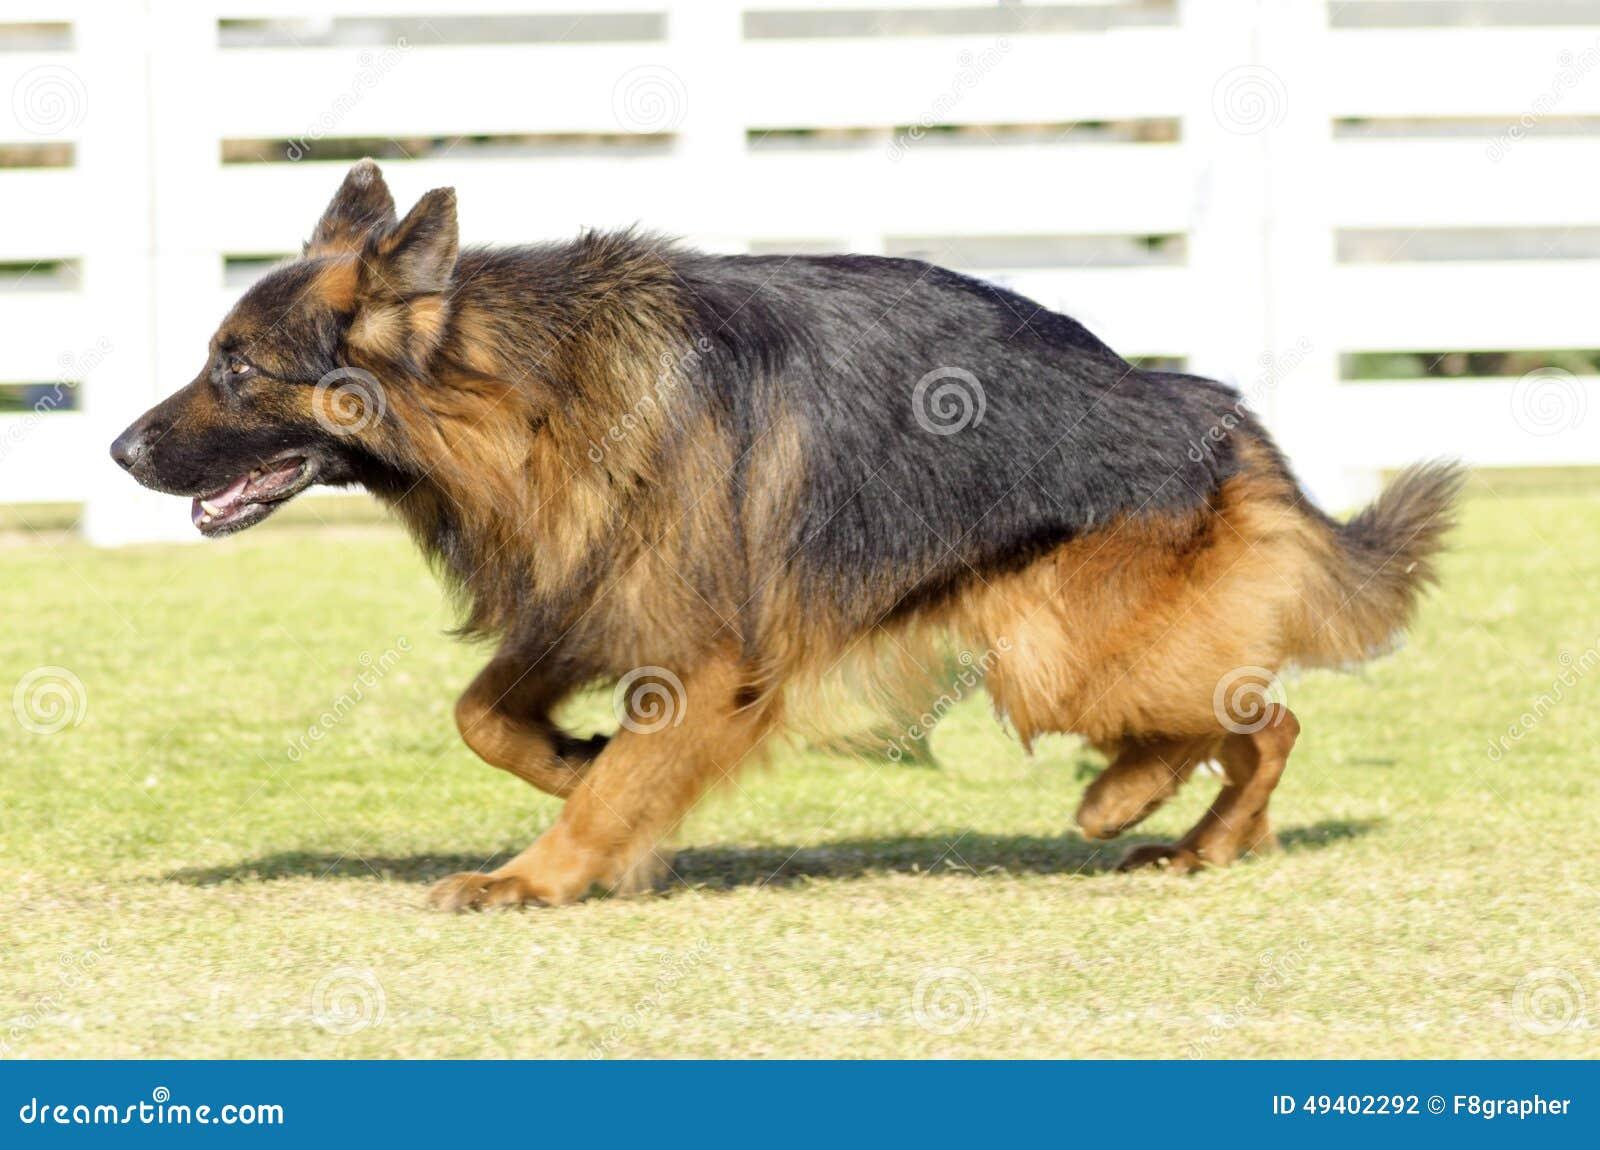 Download Schäferhund Dog stockfoto. Bild von braun, energisch - 49402292